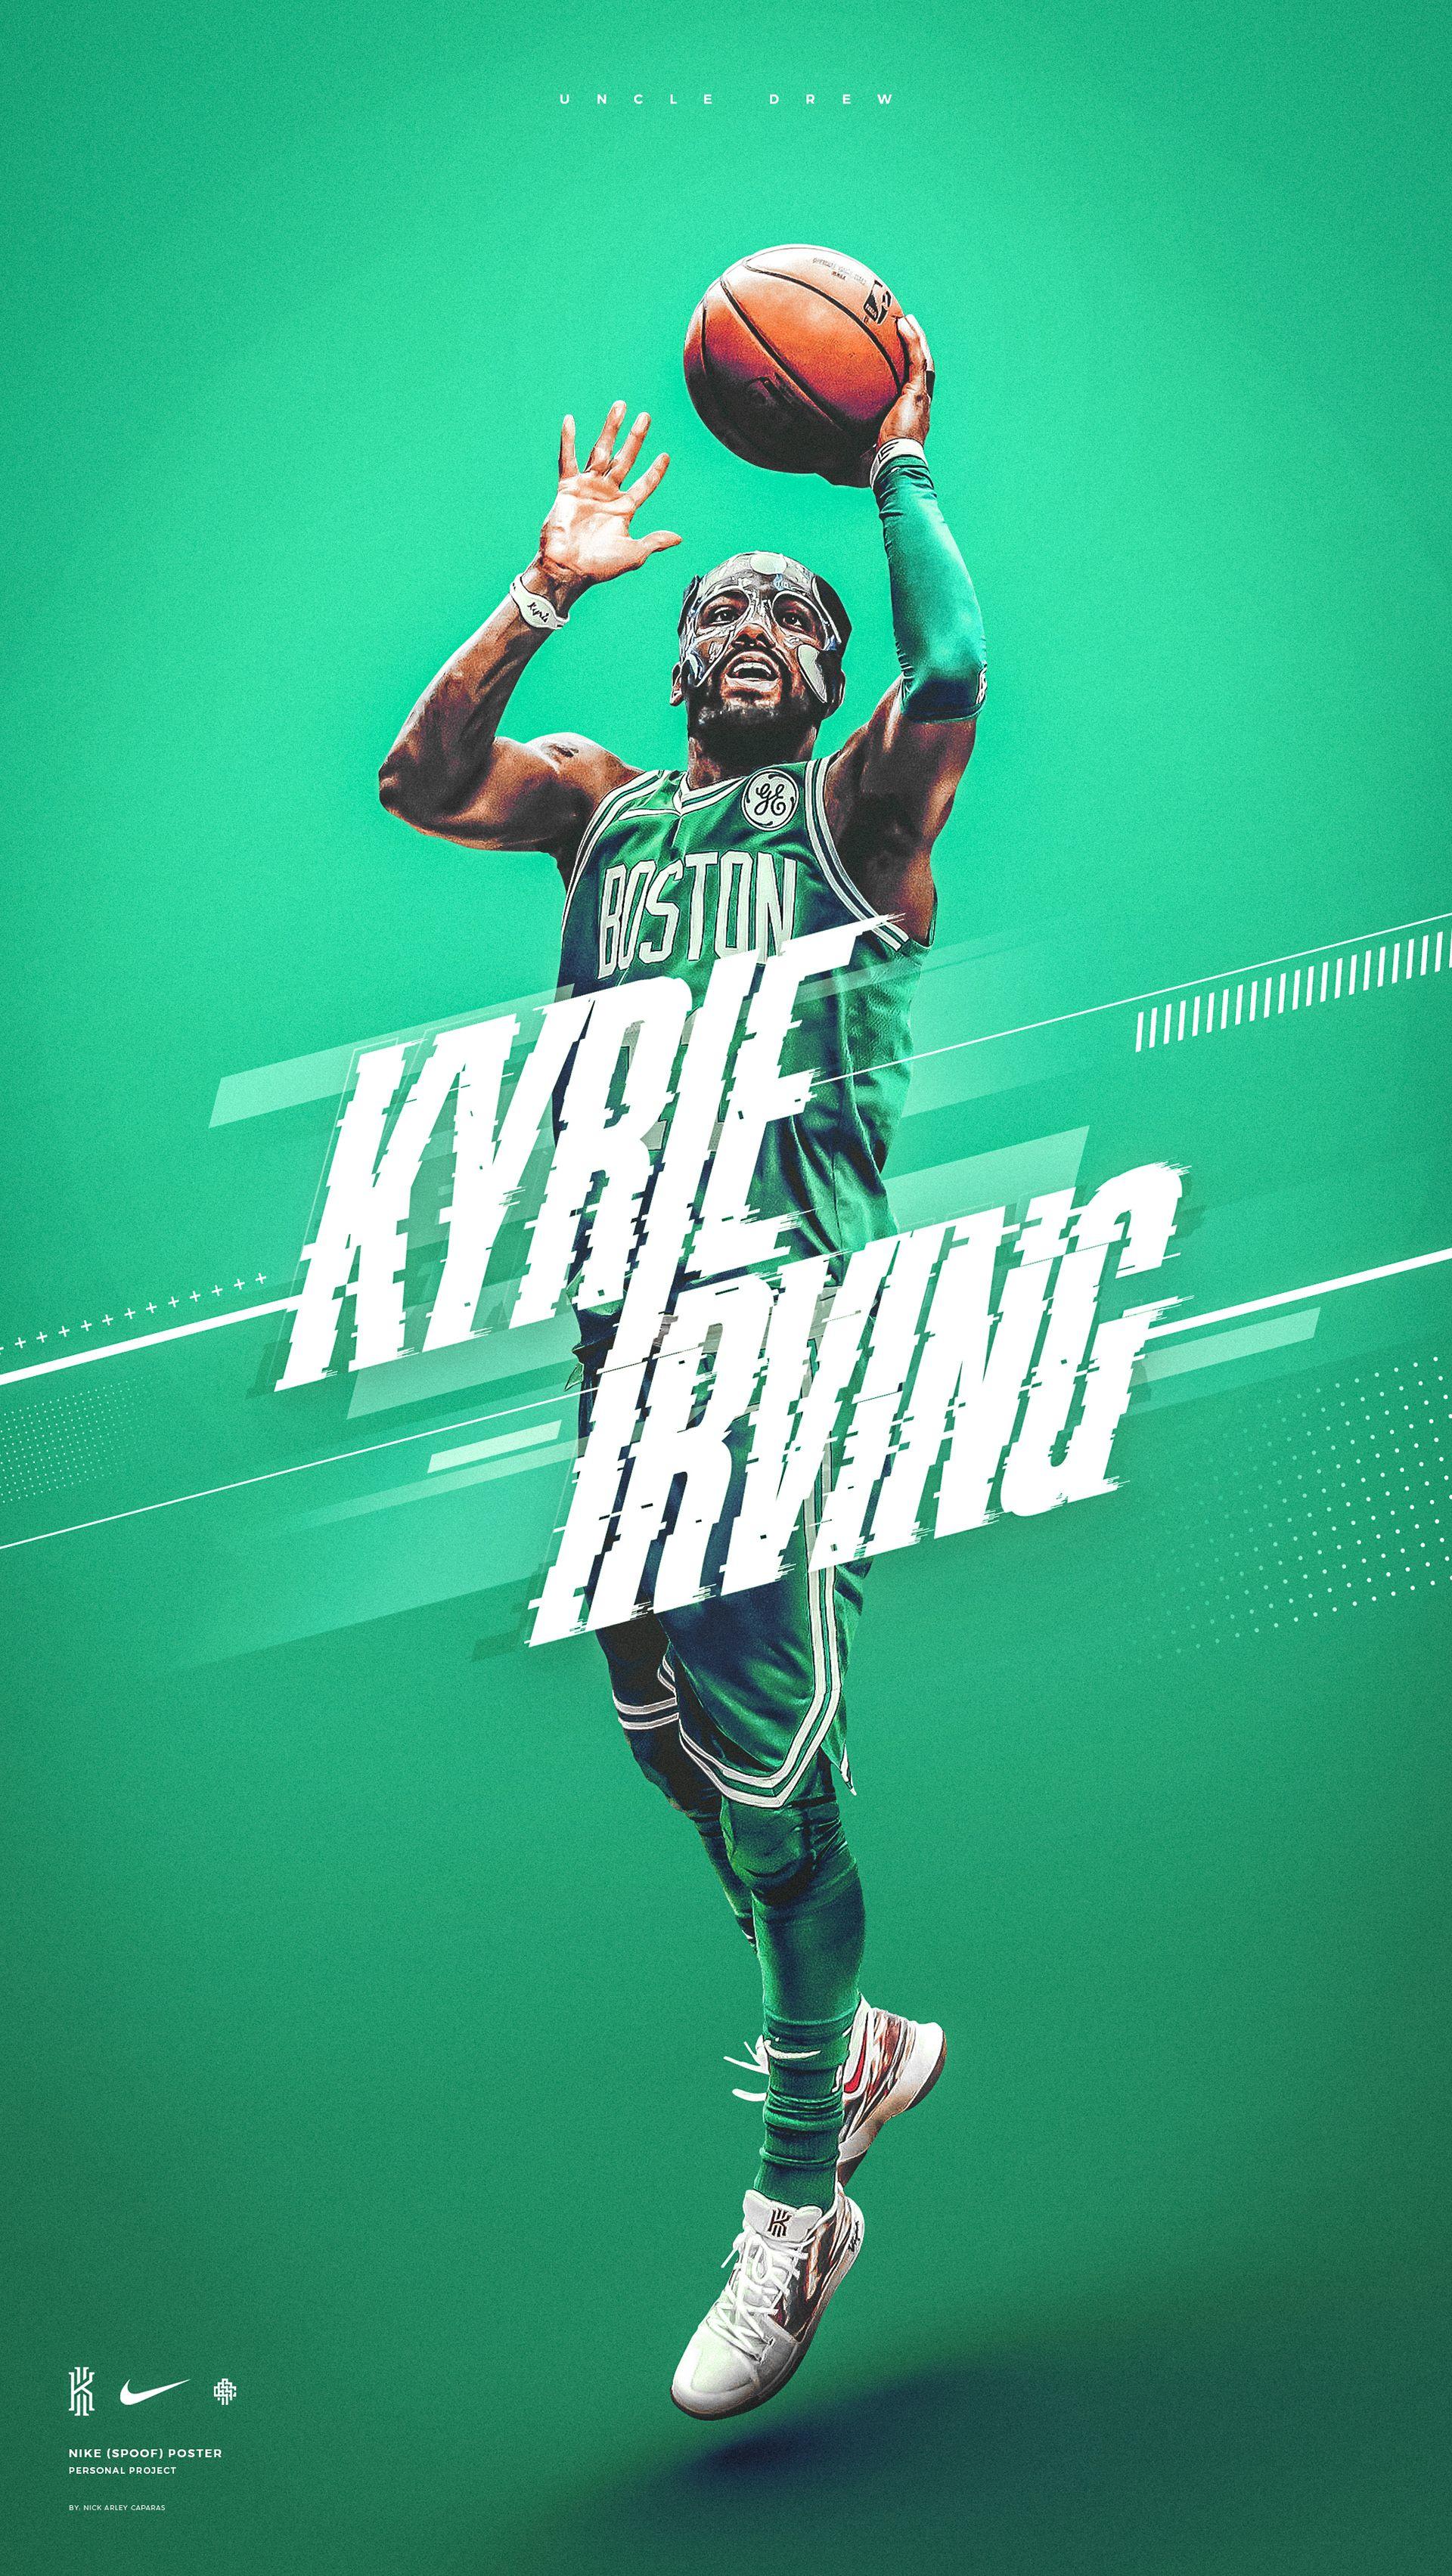 Nike Wallpaper Kyrie Irving 11 Boston Celtics On Behance Irving Wallpapers Kyrie Irving Nike Wallpaper